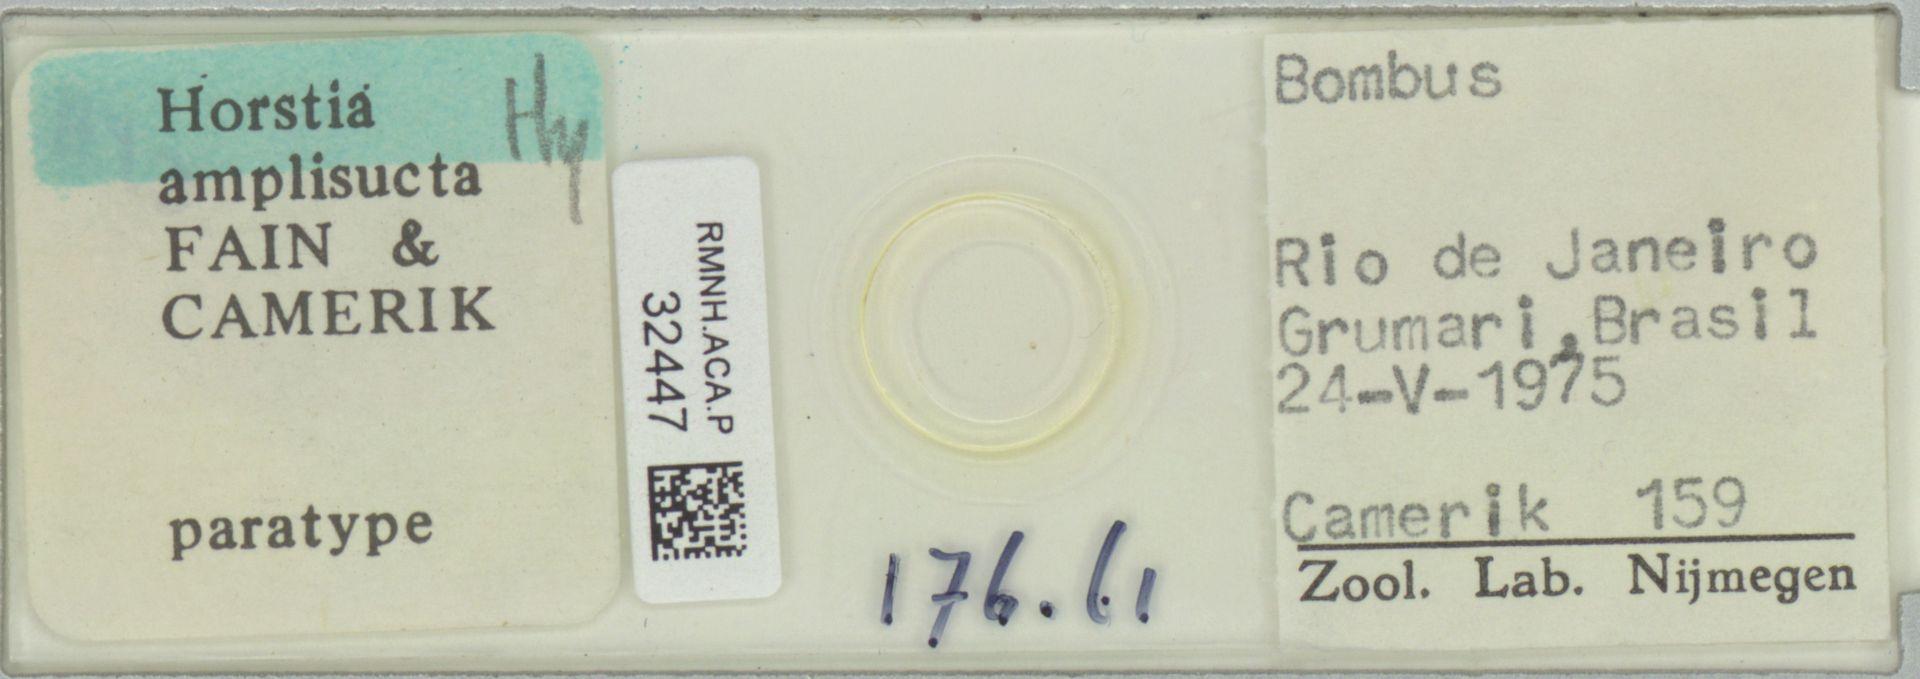 RMNH.ACA.P.32447 | Horstia amplisucta Fain & Camerik